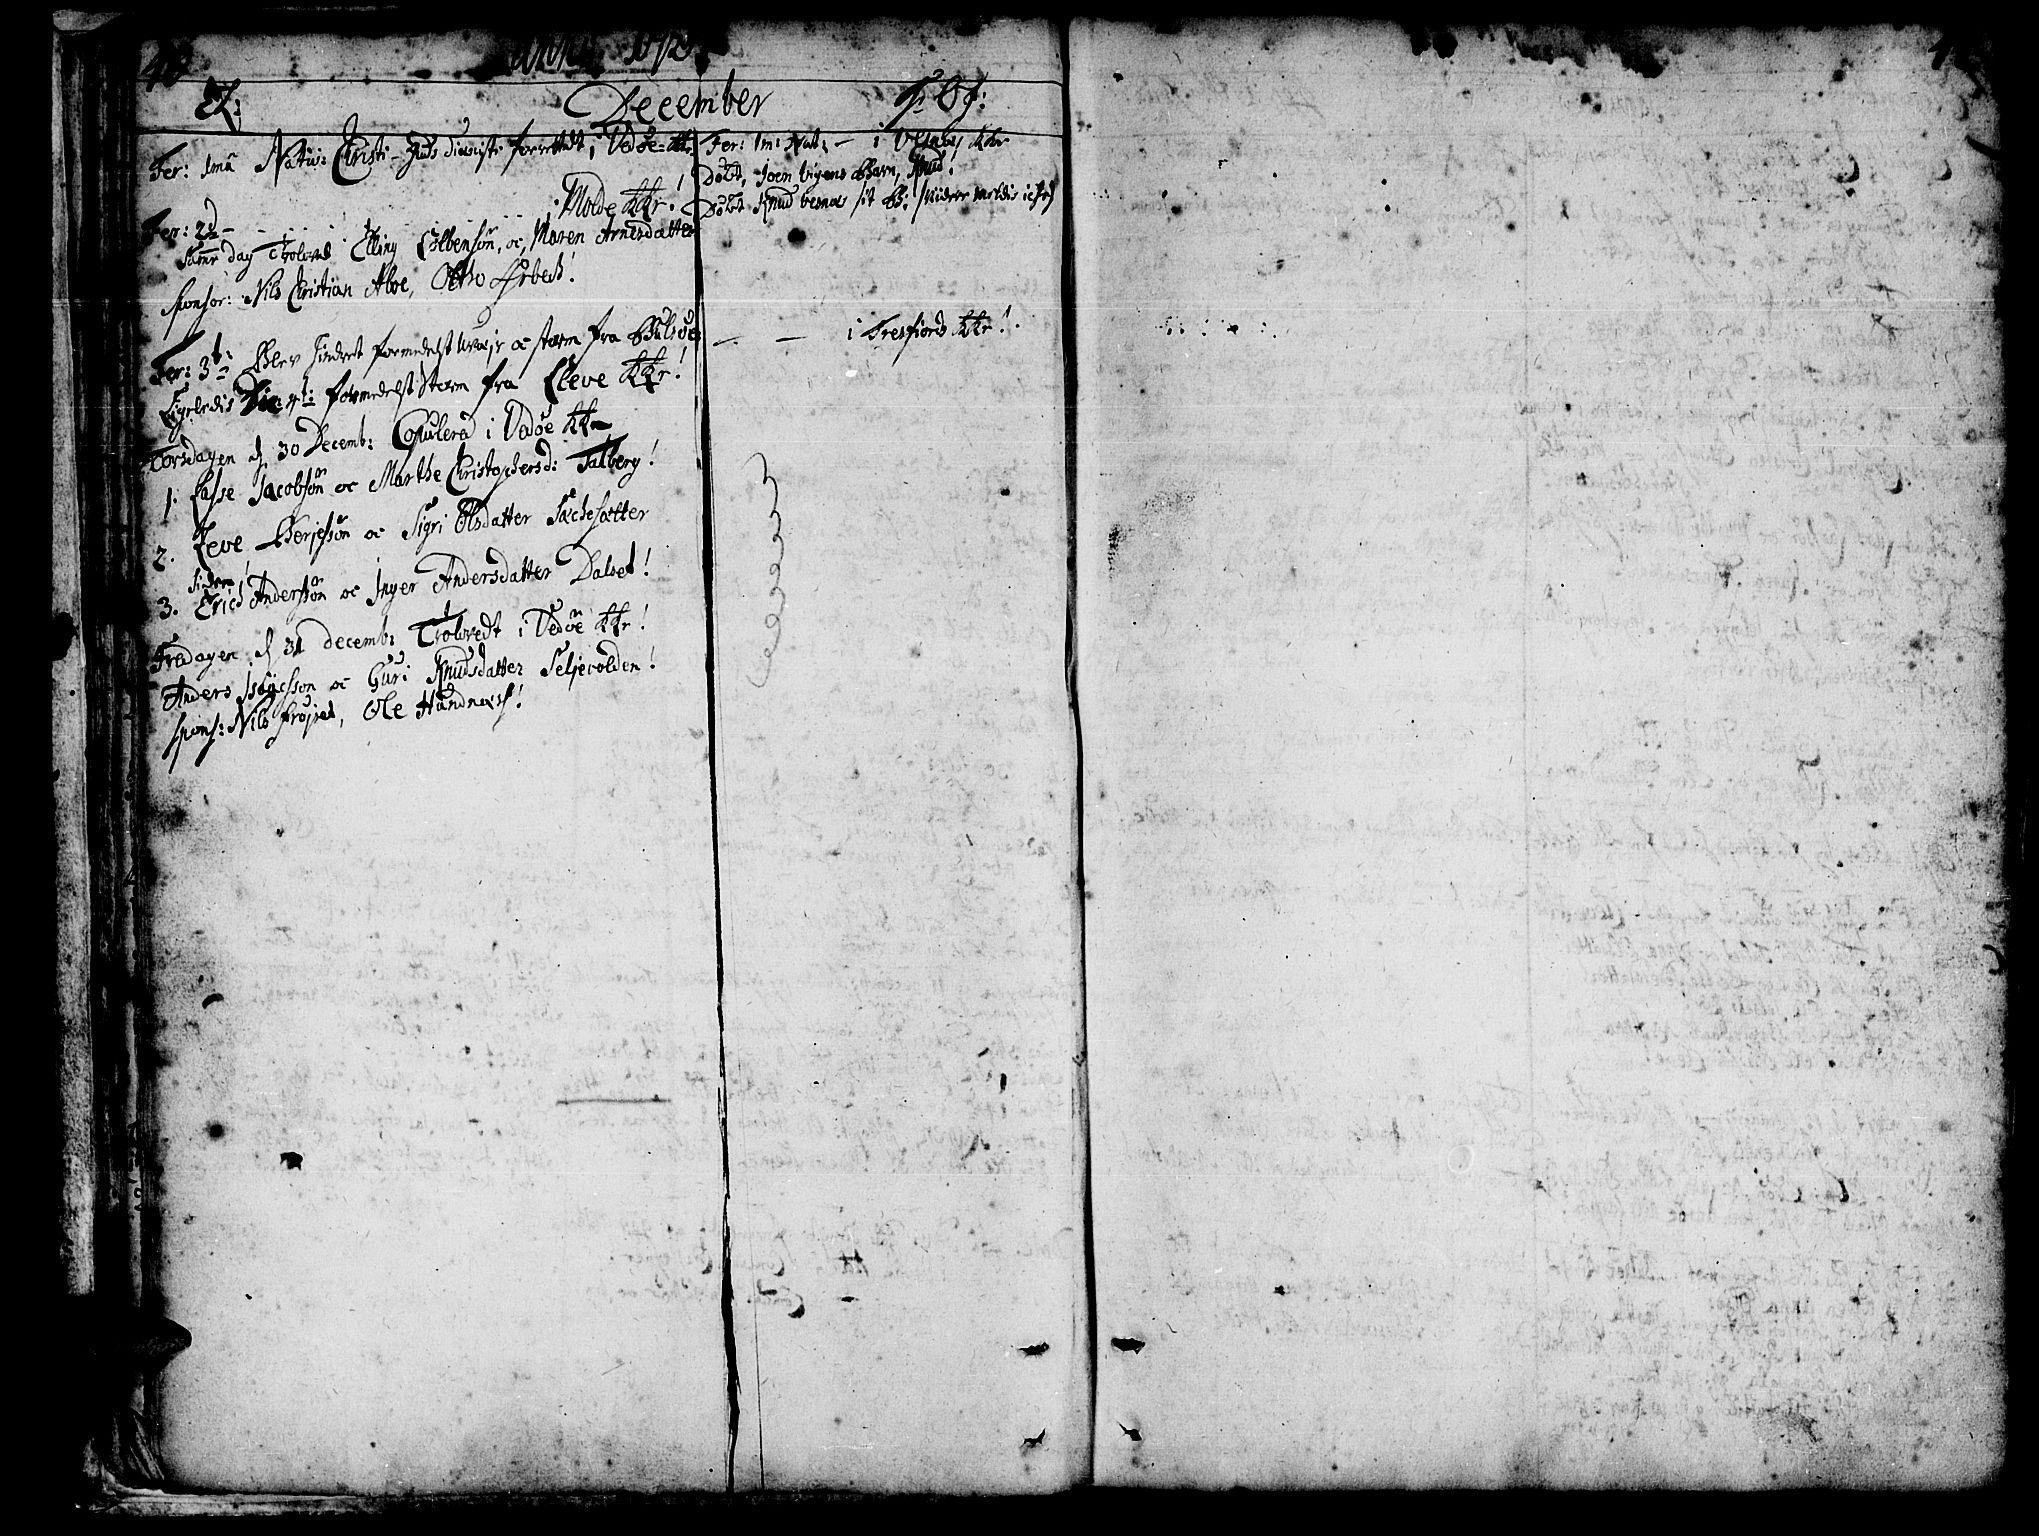 SAT, Ministerialprotokoller, klokkerbøker og fødselsregistre - Møre og Romsdal, 547/L0599: Ministerialbok nr. 547A01, 1721-1764, s. 42-43